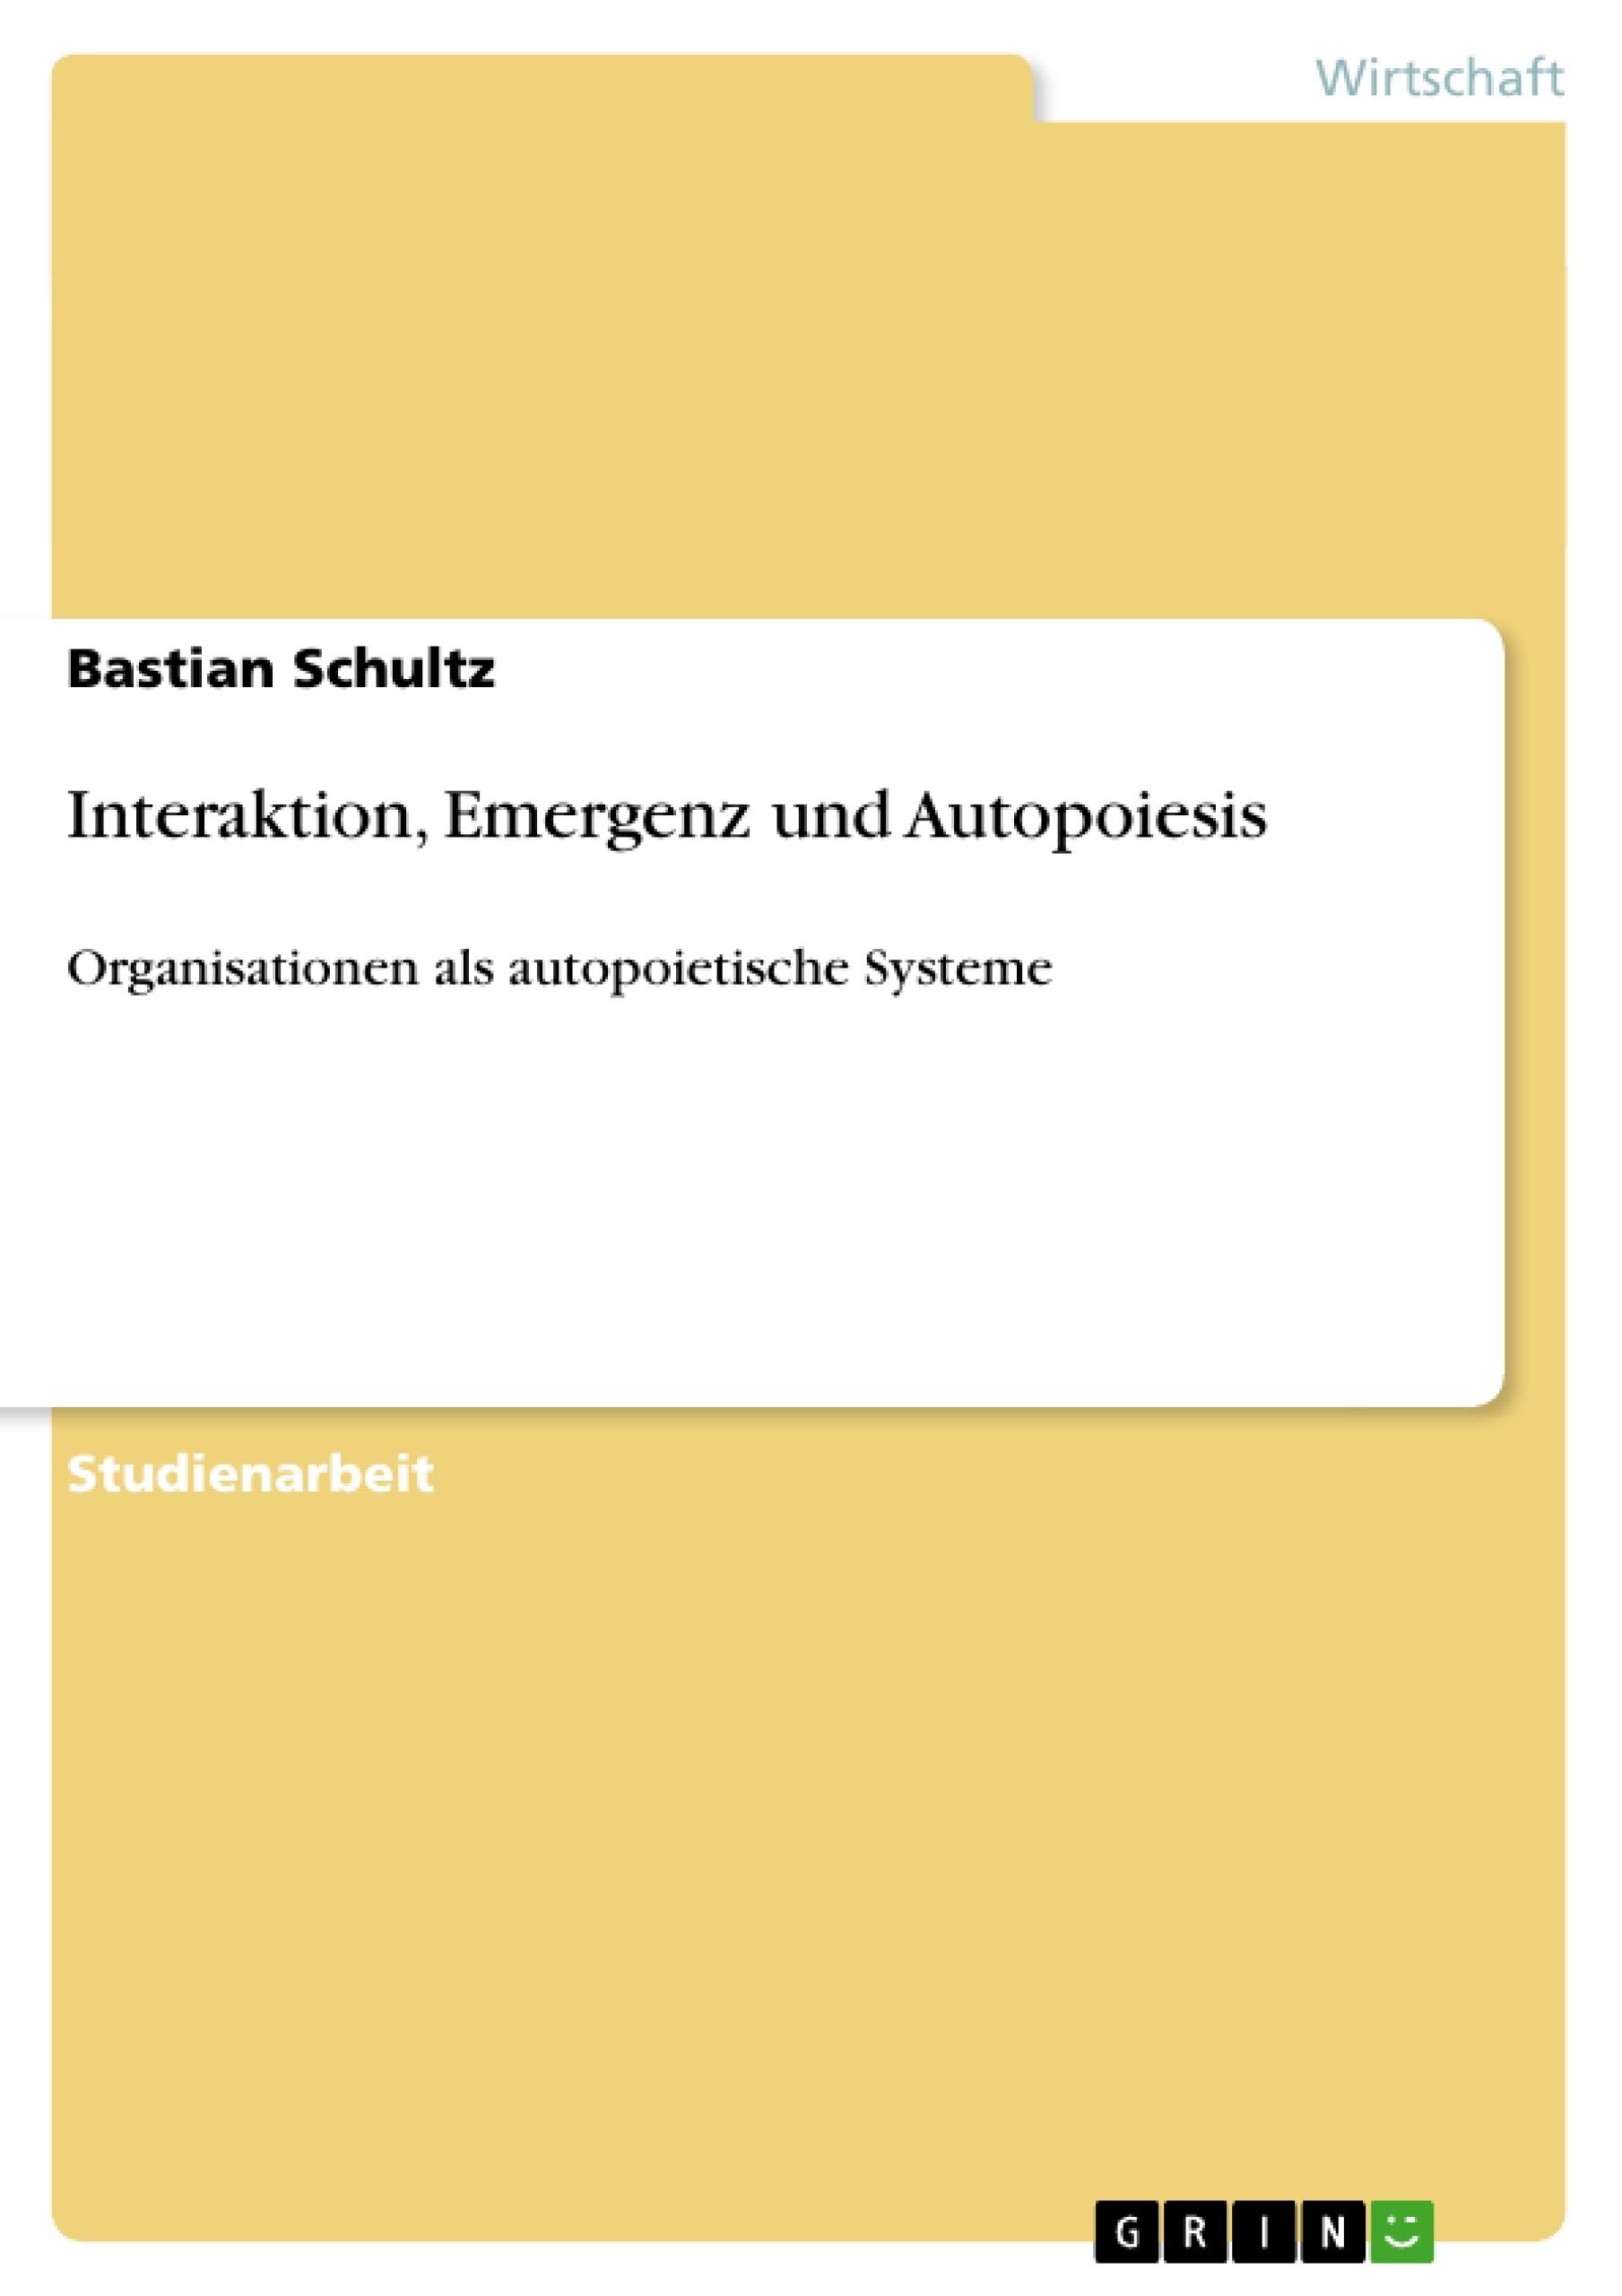 Titel: Interaktion, Emergenz und Autopoiesis